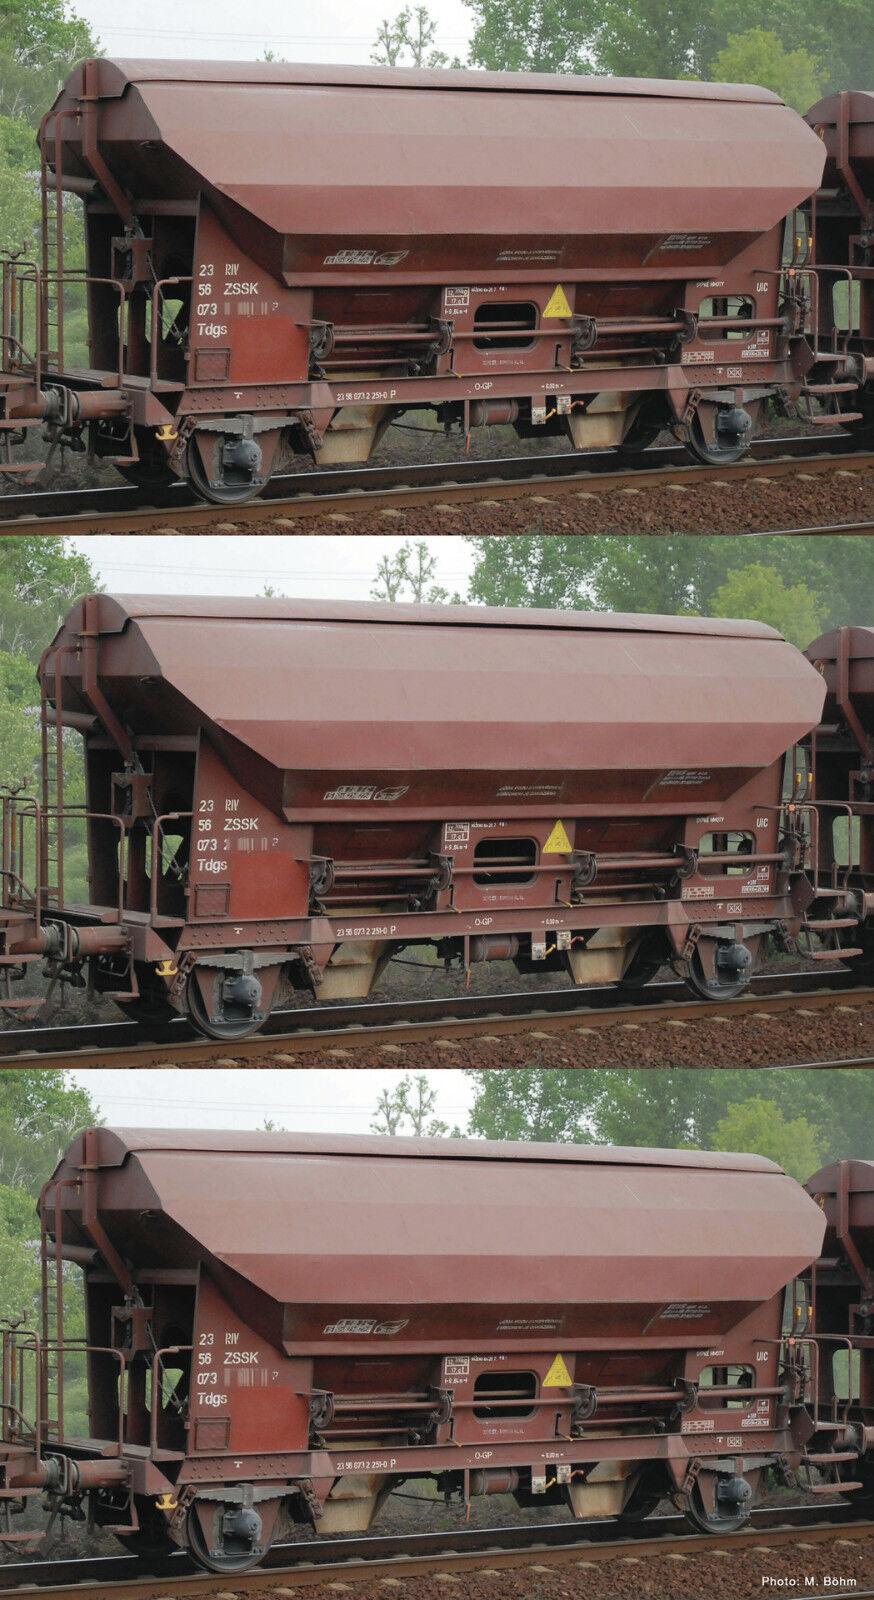 ROCO 76177 Set 3 Schwenkdachwagen ZSSK Auf Wunsch Achstausch für Märklin gratis